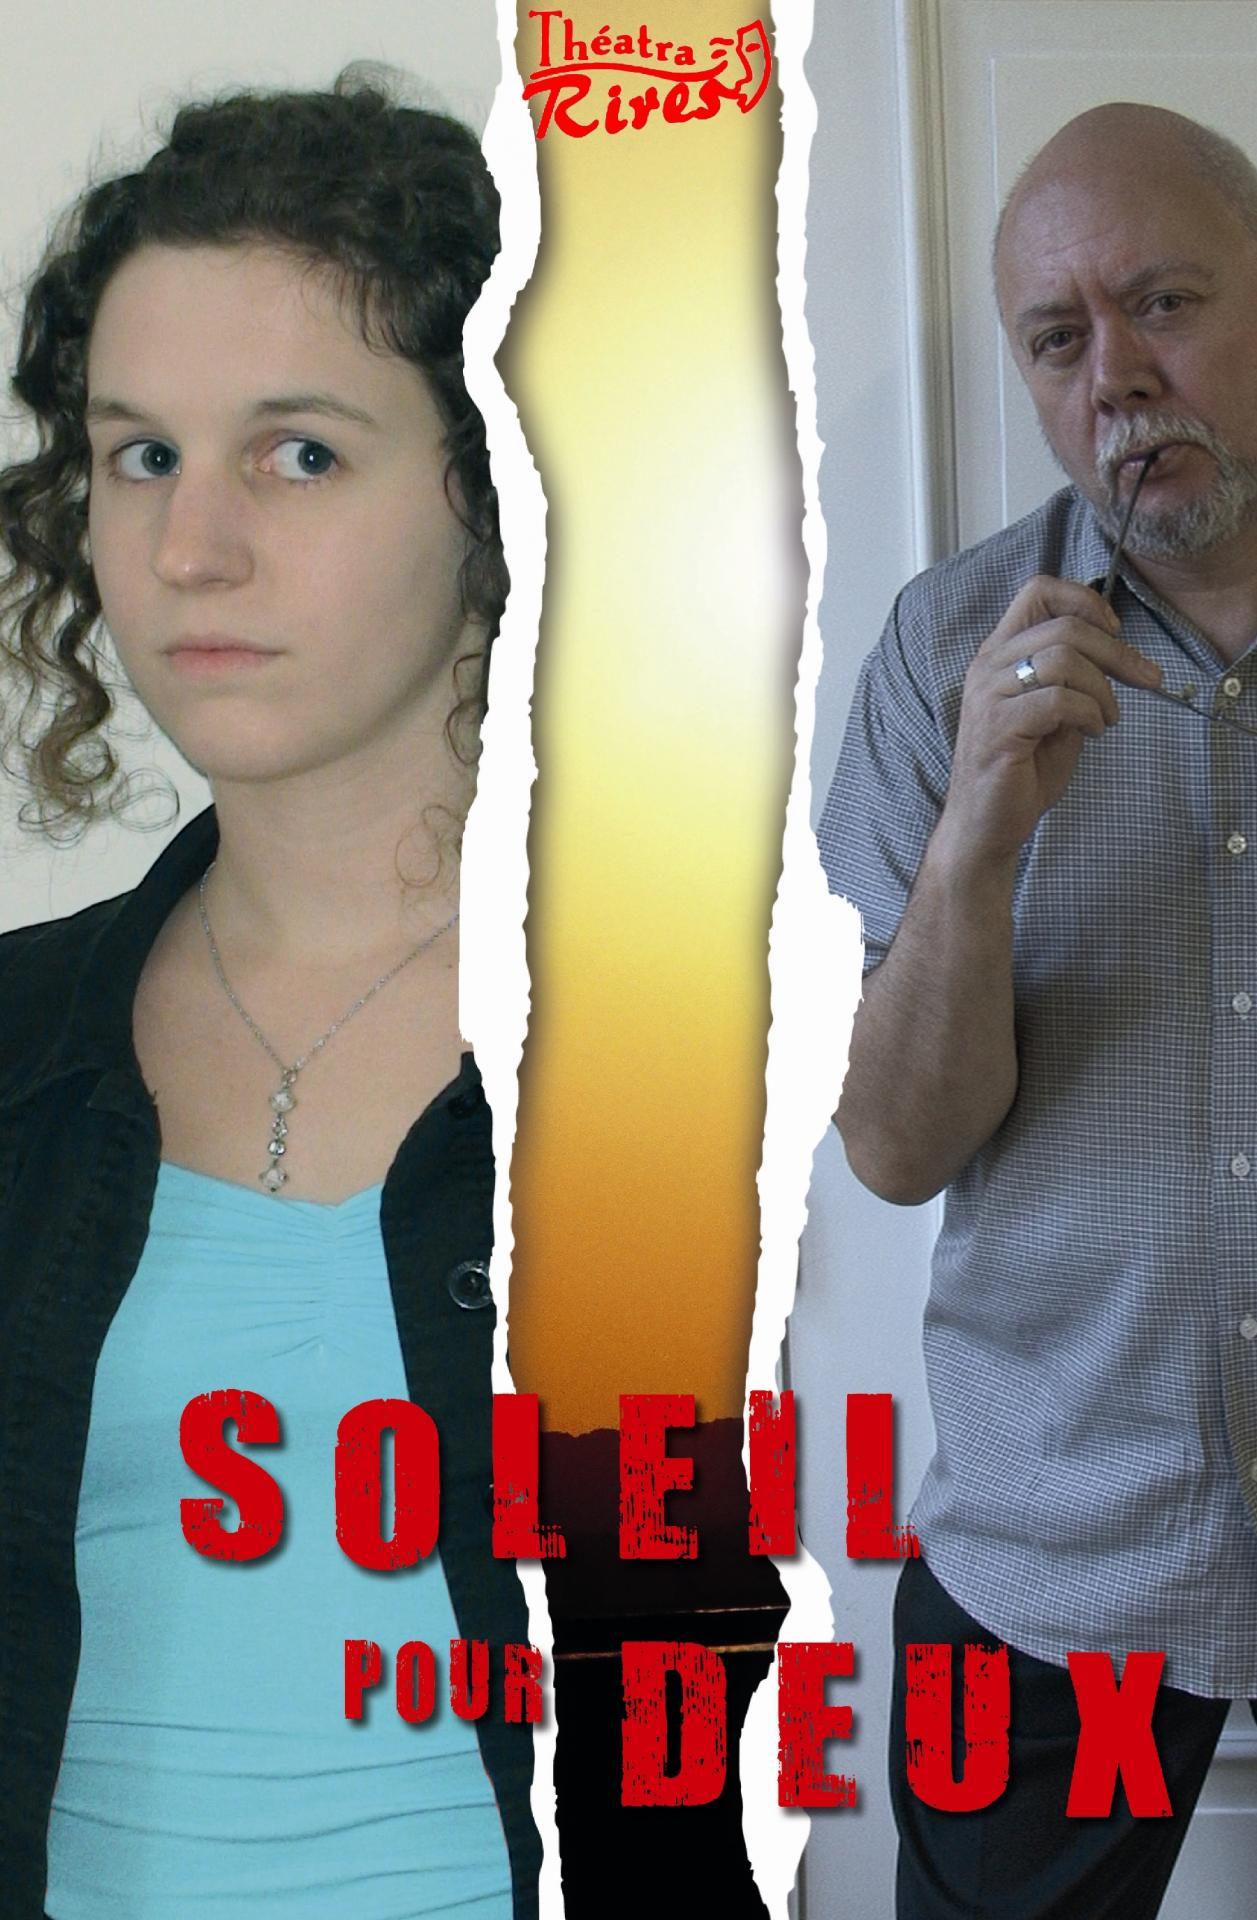 Soleil_pour_deux